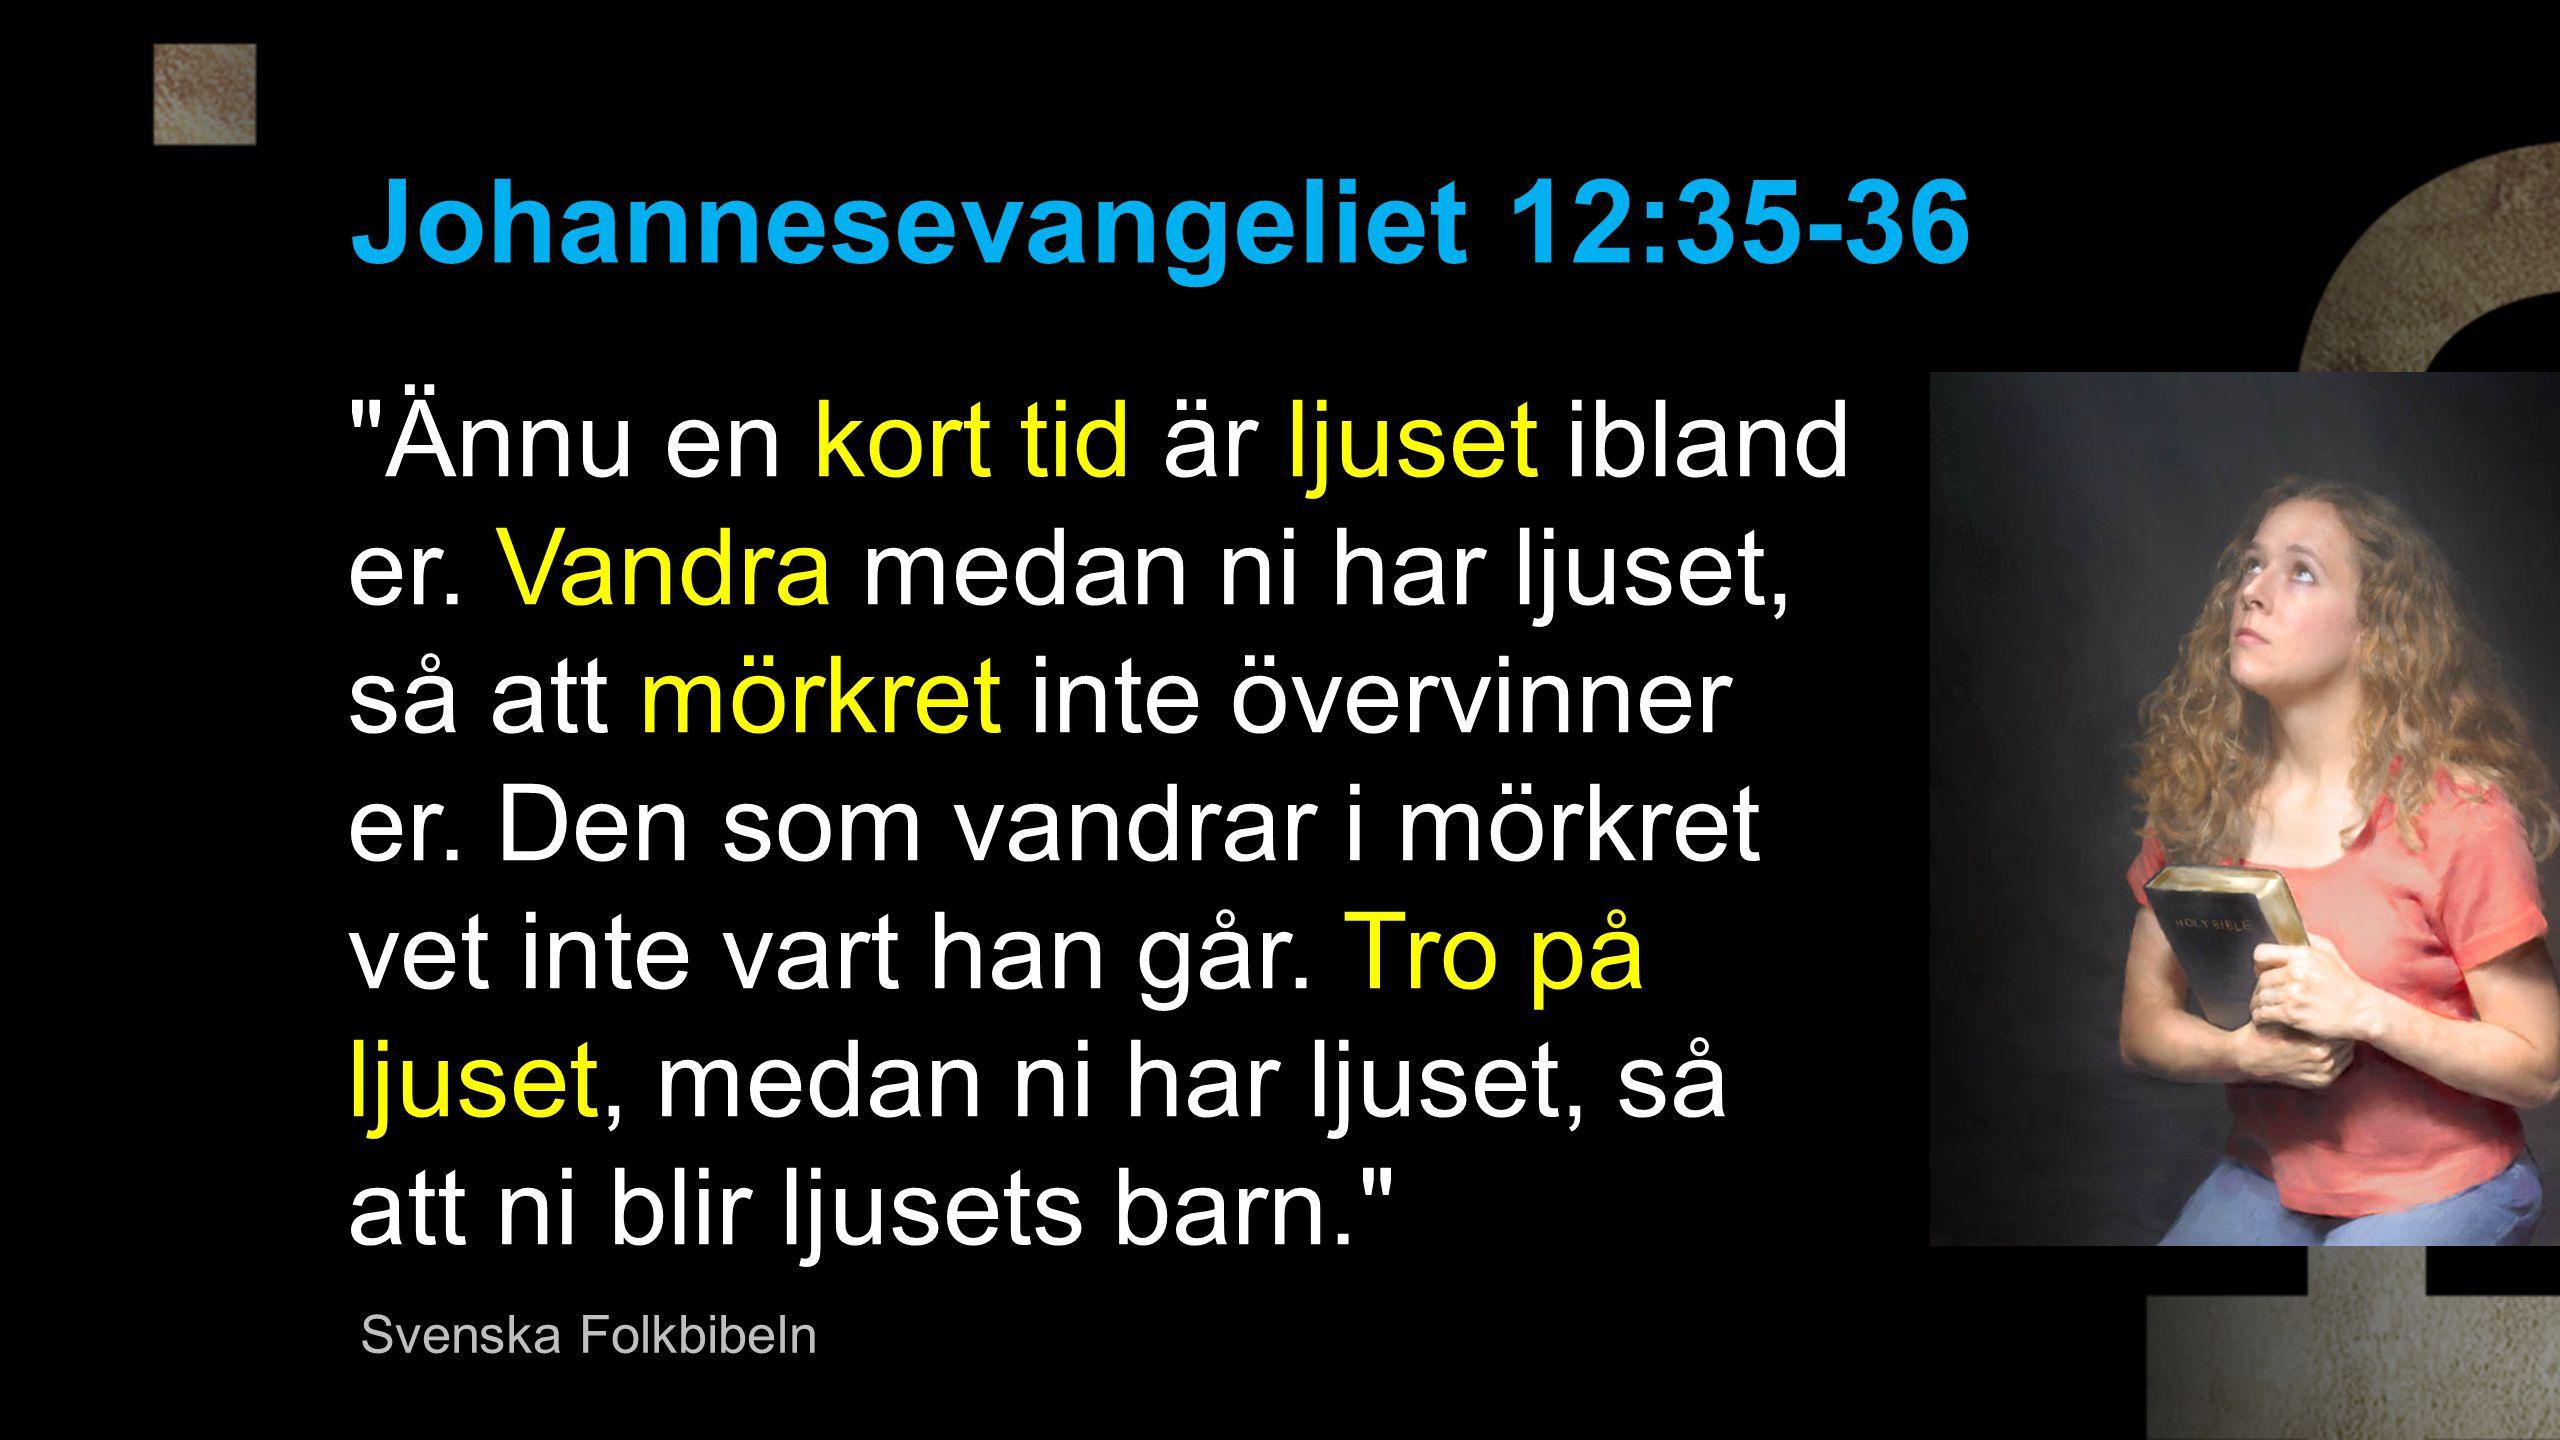 Johannesevangeliet 12:35-36